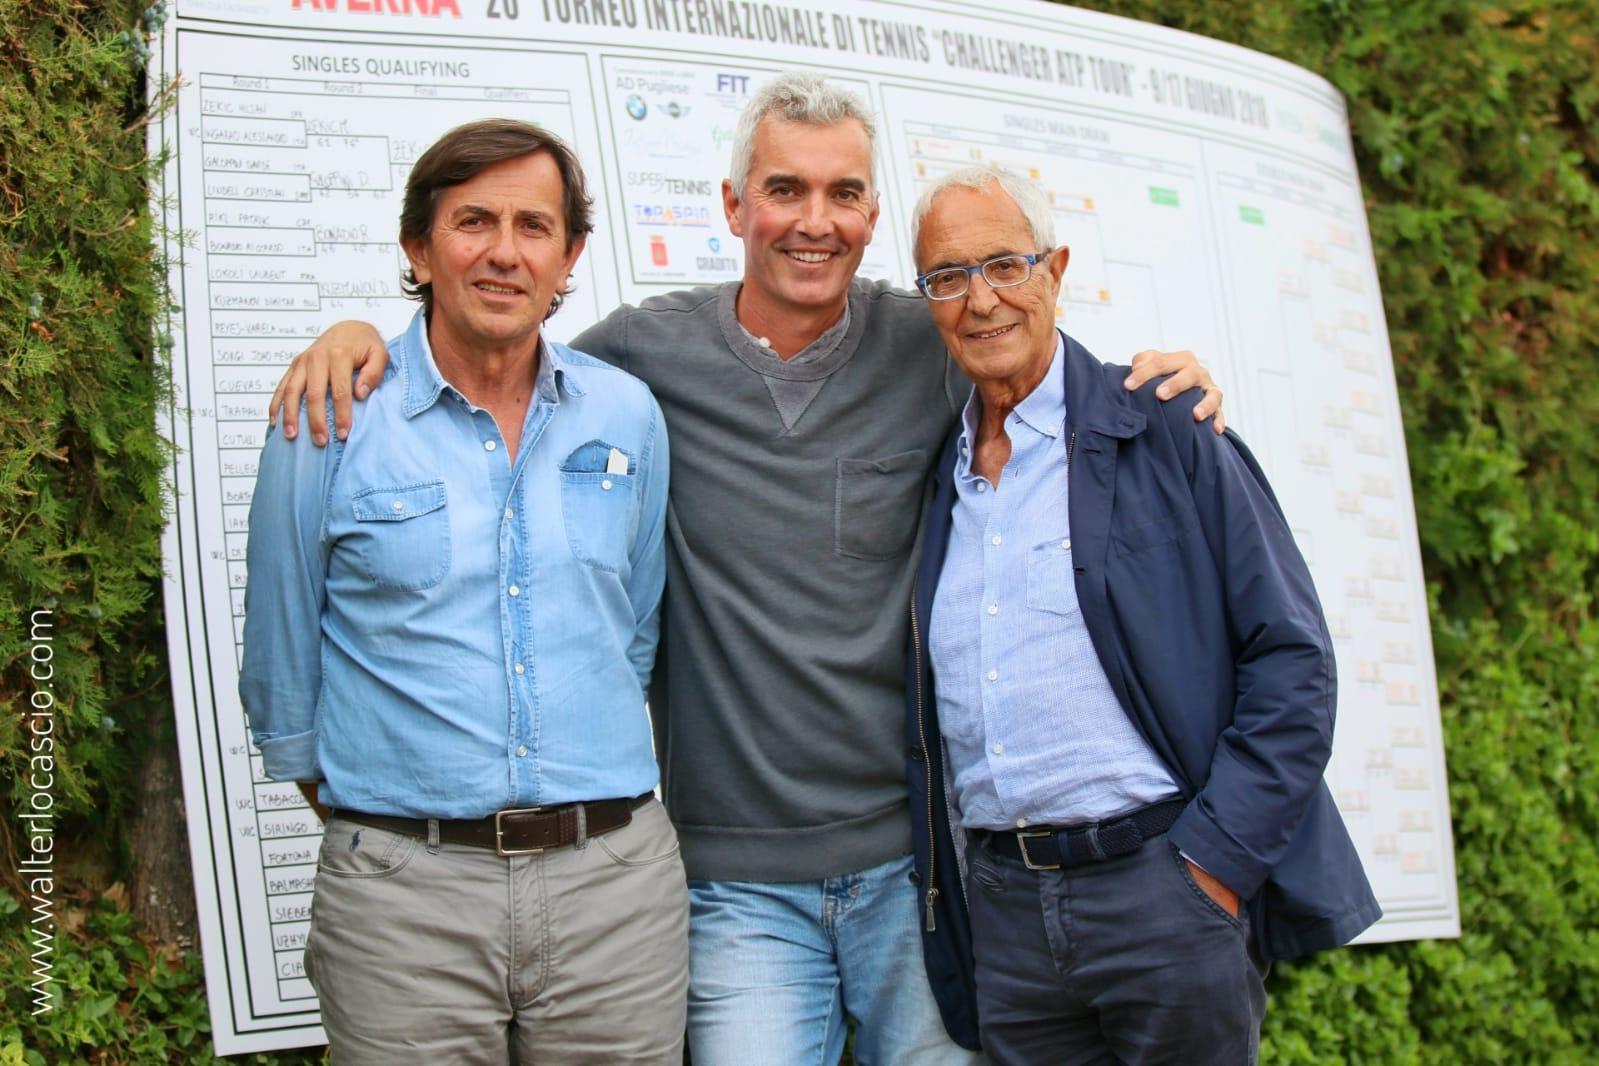 Da sinistra, Giordano (direttore Torneo, Sanguinetti e Trobia (Presidente)